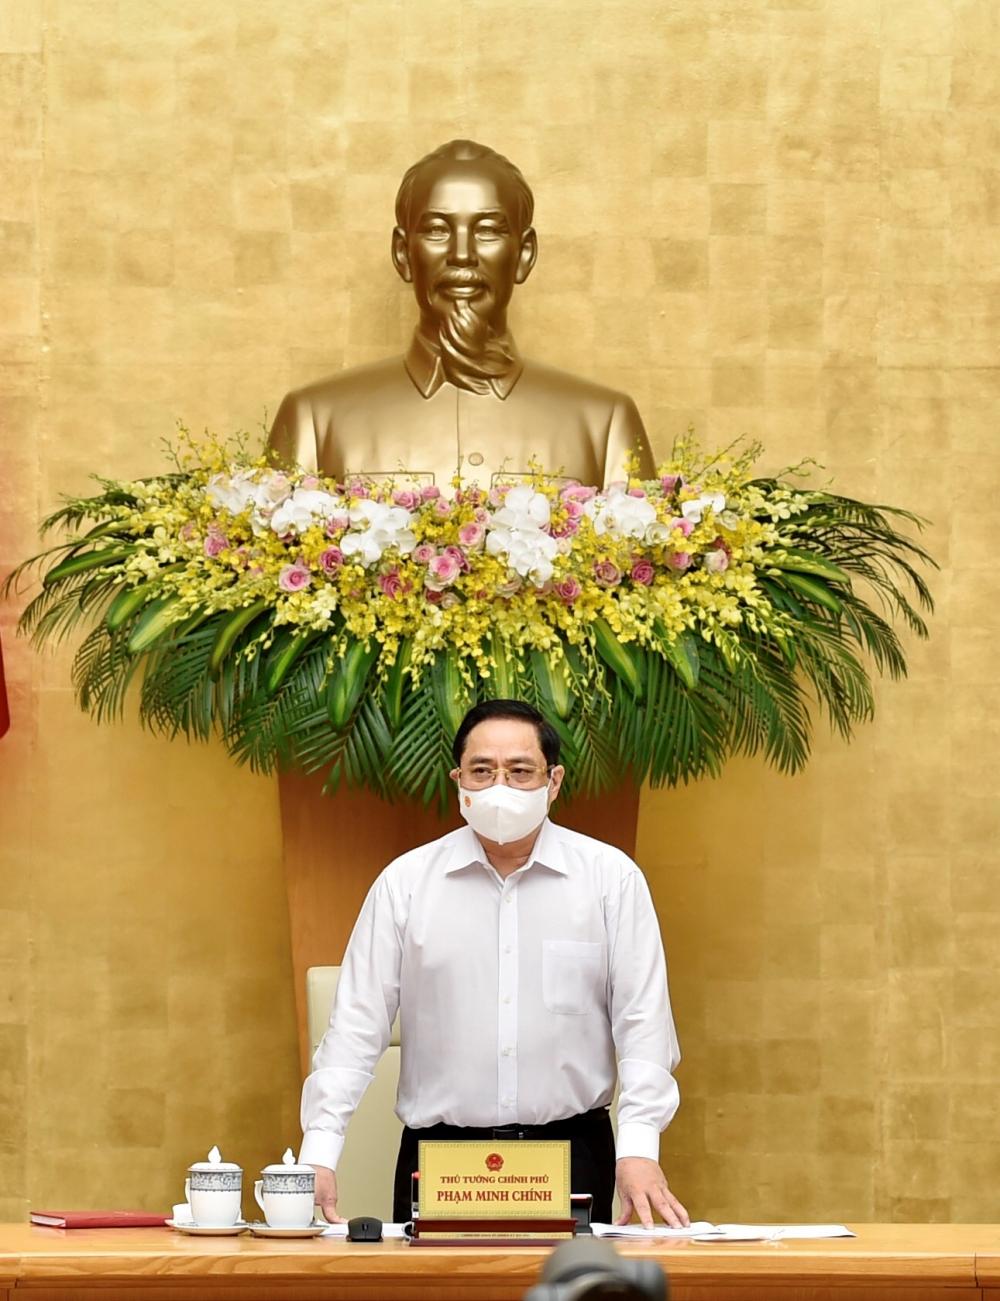 Thủ tướng Phạm Minh Chính nhấn mạnh không chủ quan, lơ là nhưng cũng không sợ hãi, mất bình tình trong công cuộc phòng, chống dịch COVID-19.